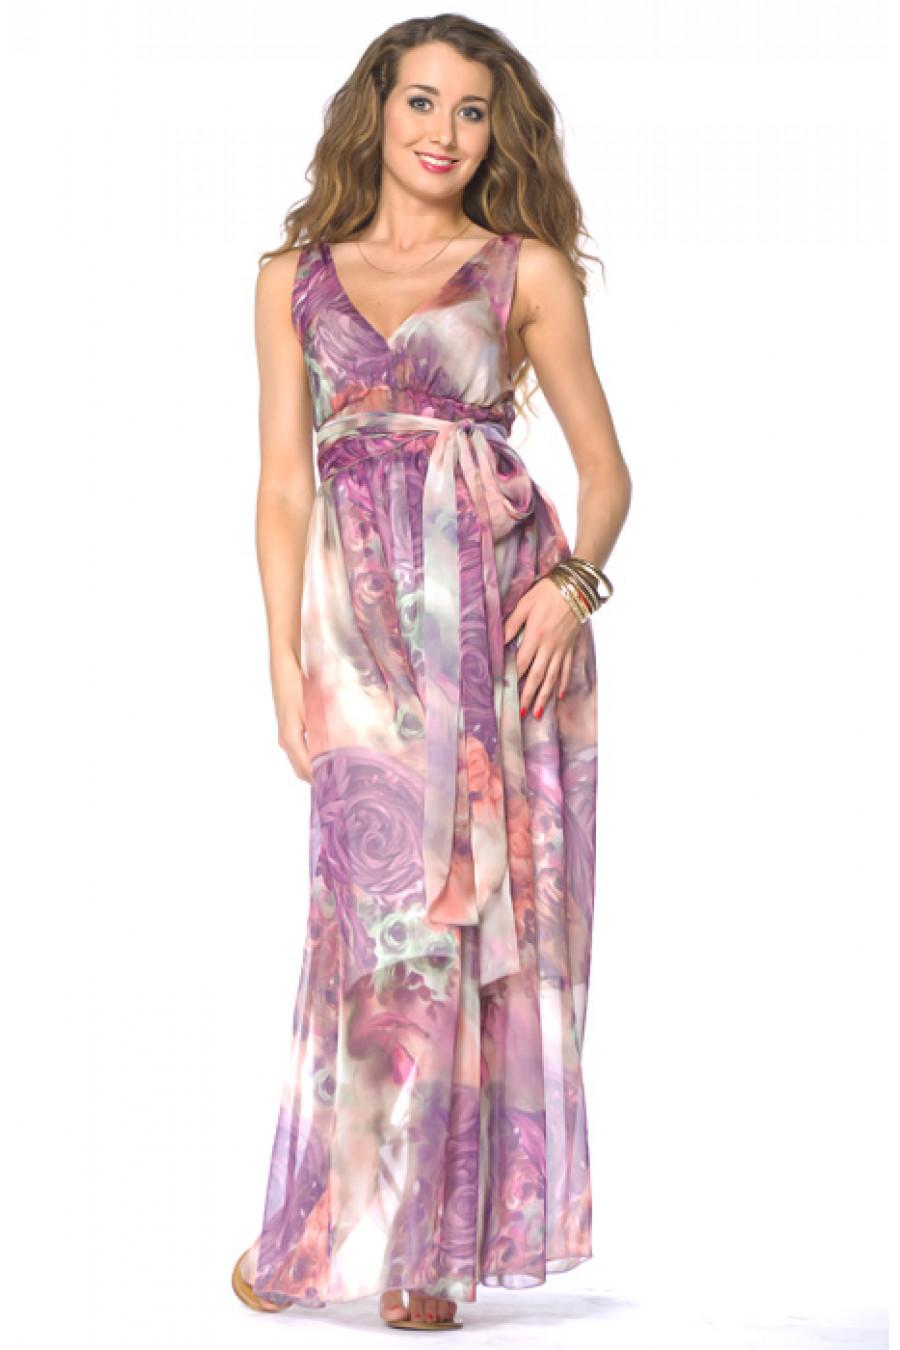 свадебные платья в пол, гипюровое стрейч свадебное или вечернее платье и... Описание: b Длинный сарафан из шифона с